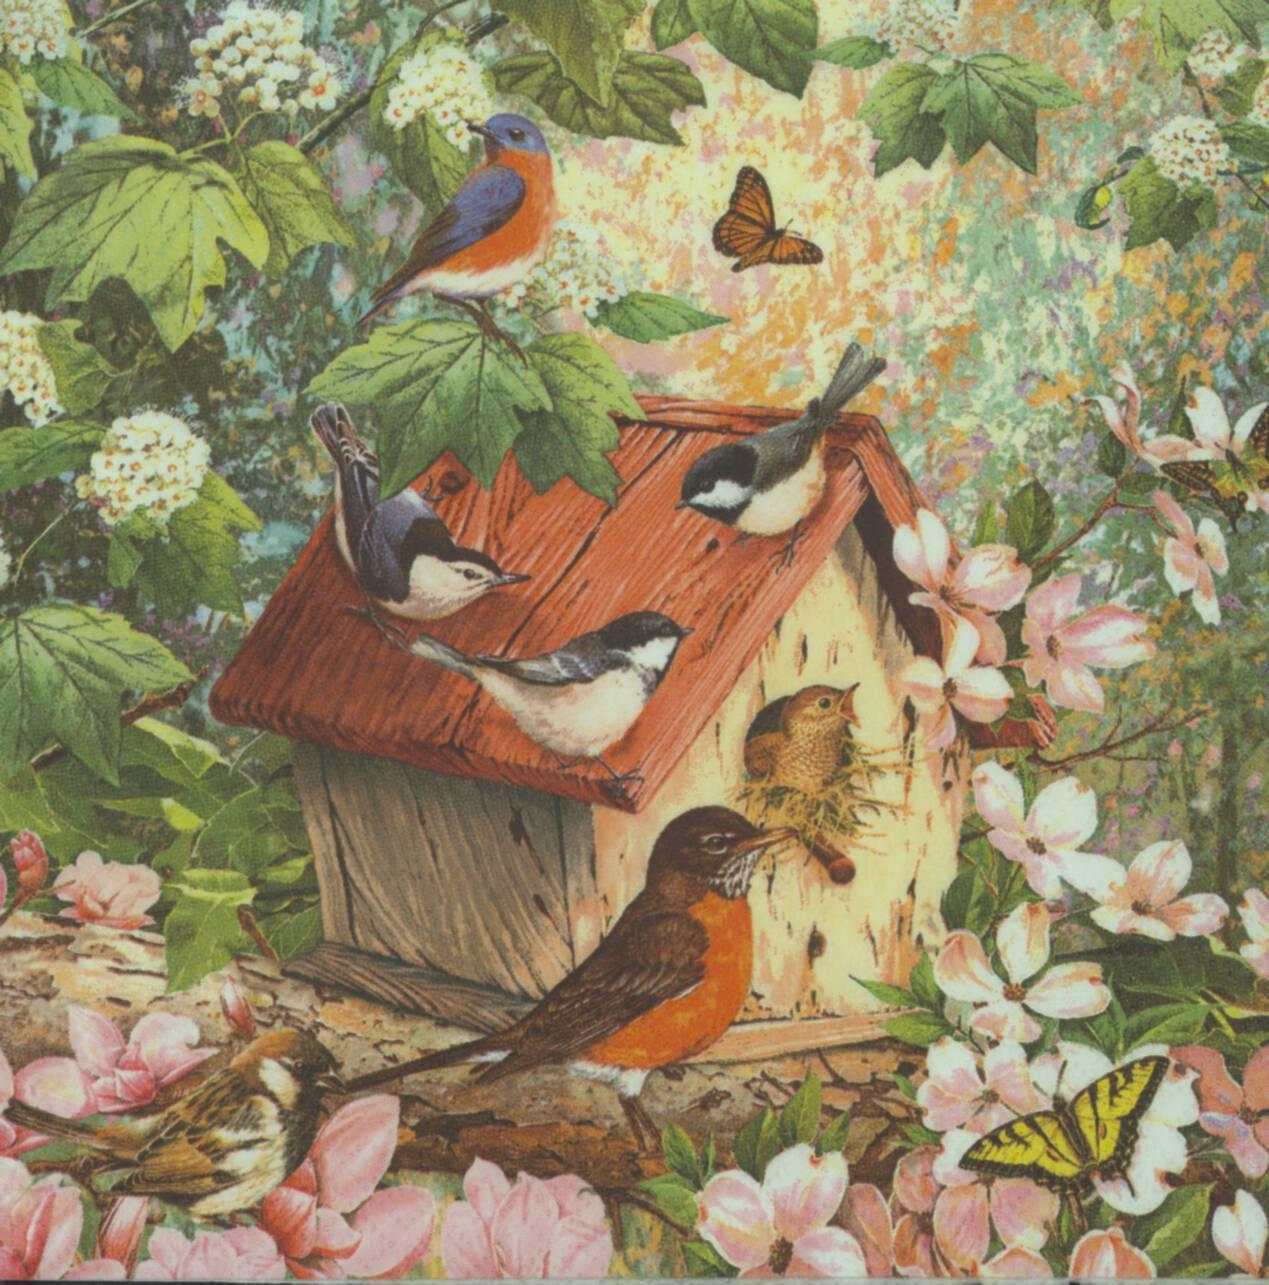 Birdhouse Garden: Decoupage Paper Napkins Of Birdhouse In The Garden